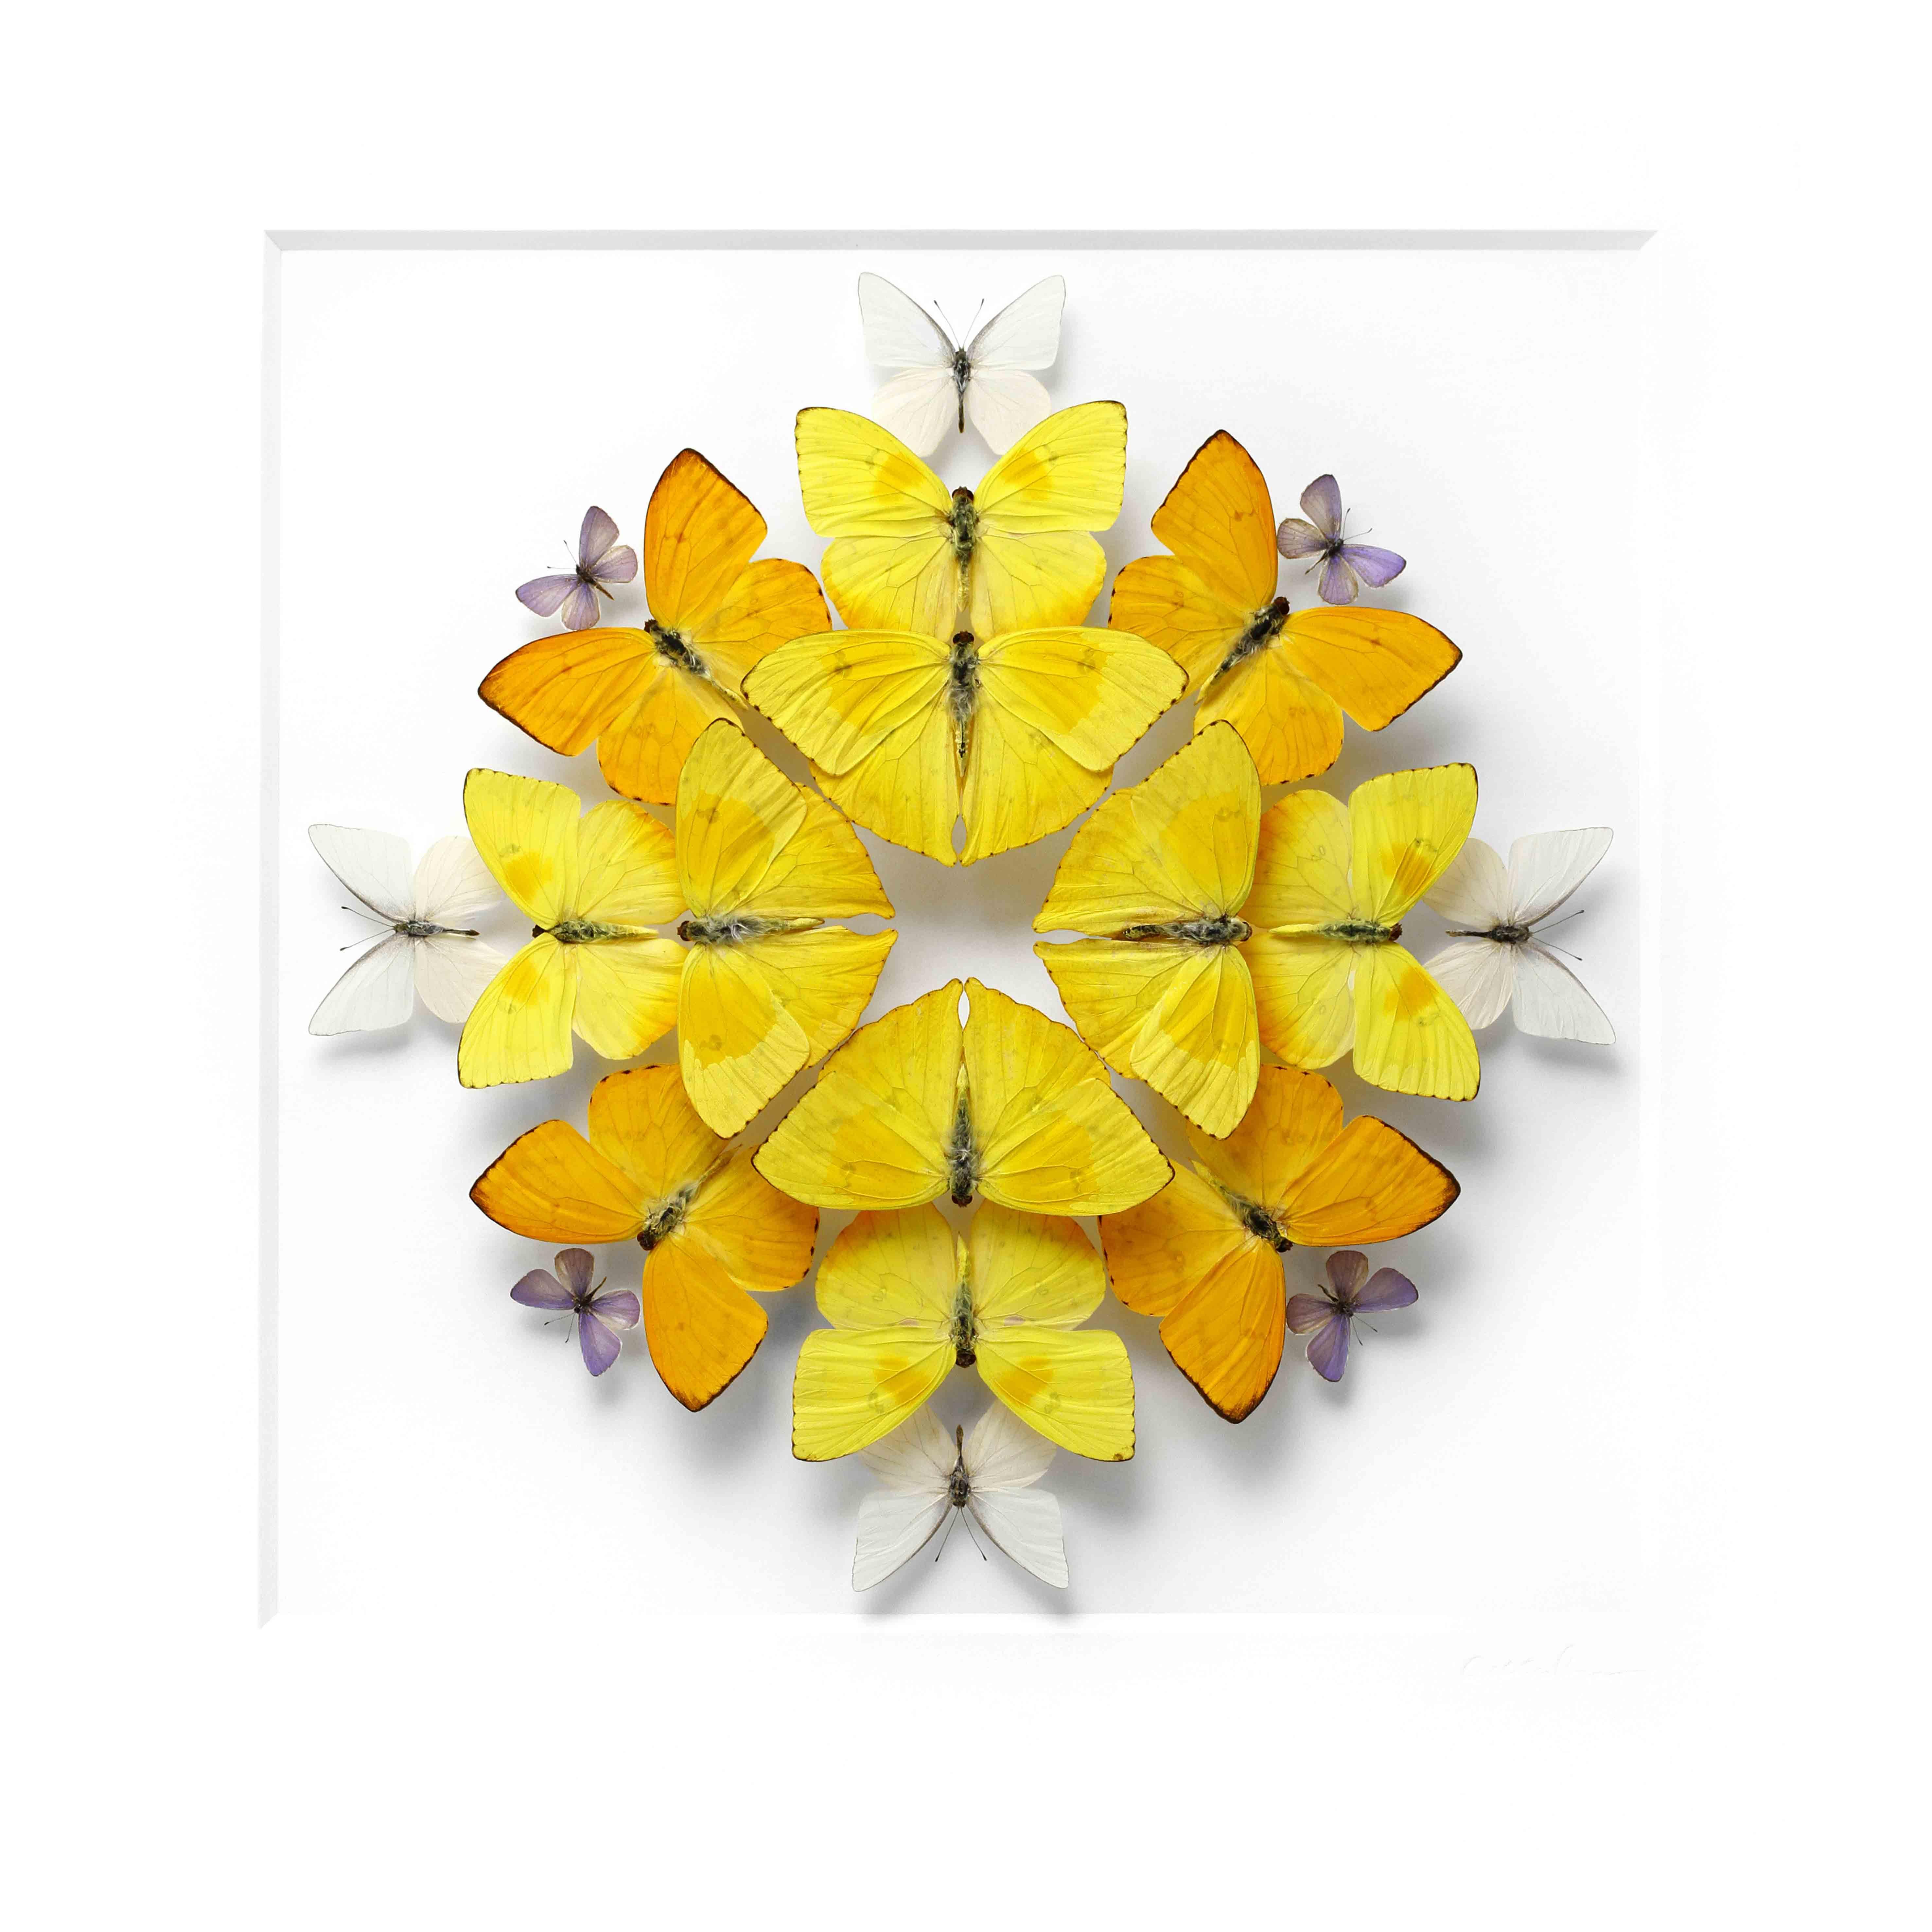 mosaique-insecte-03